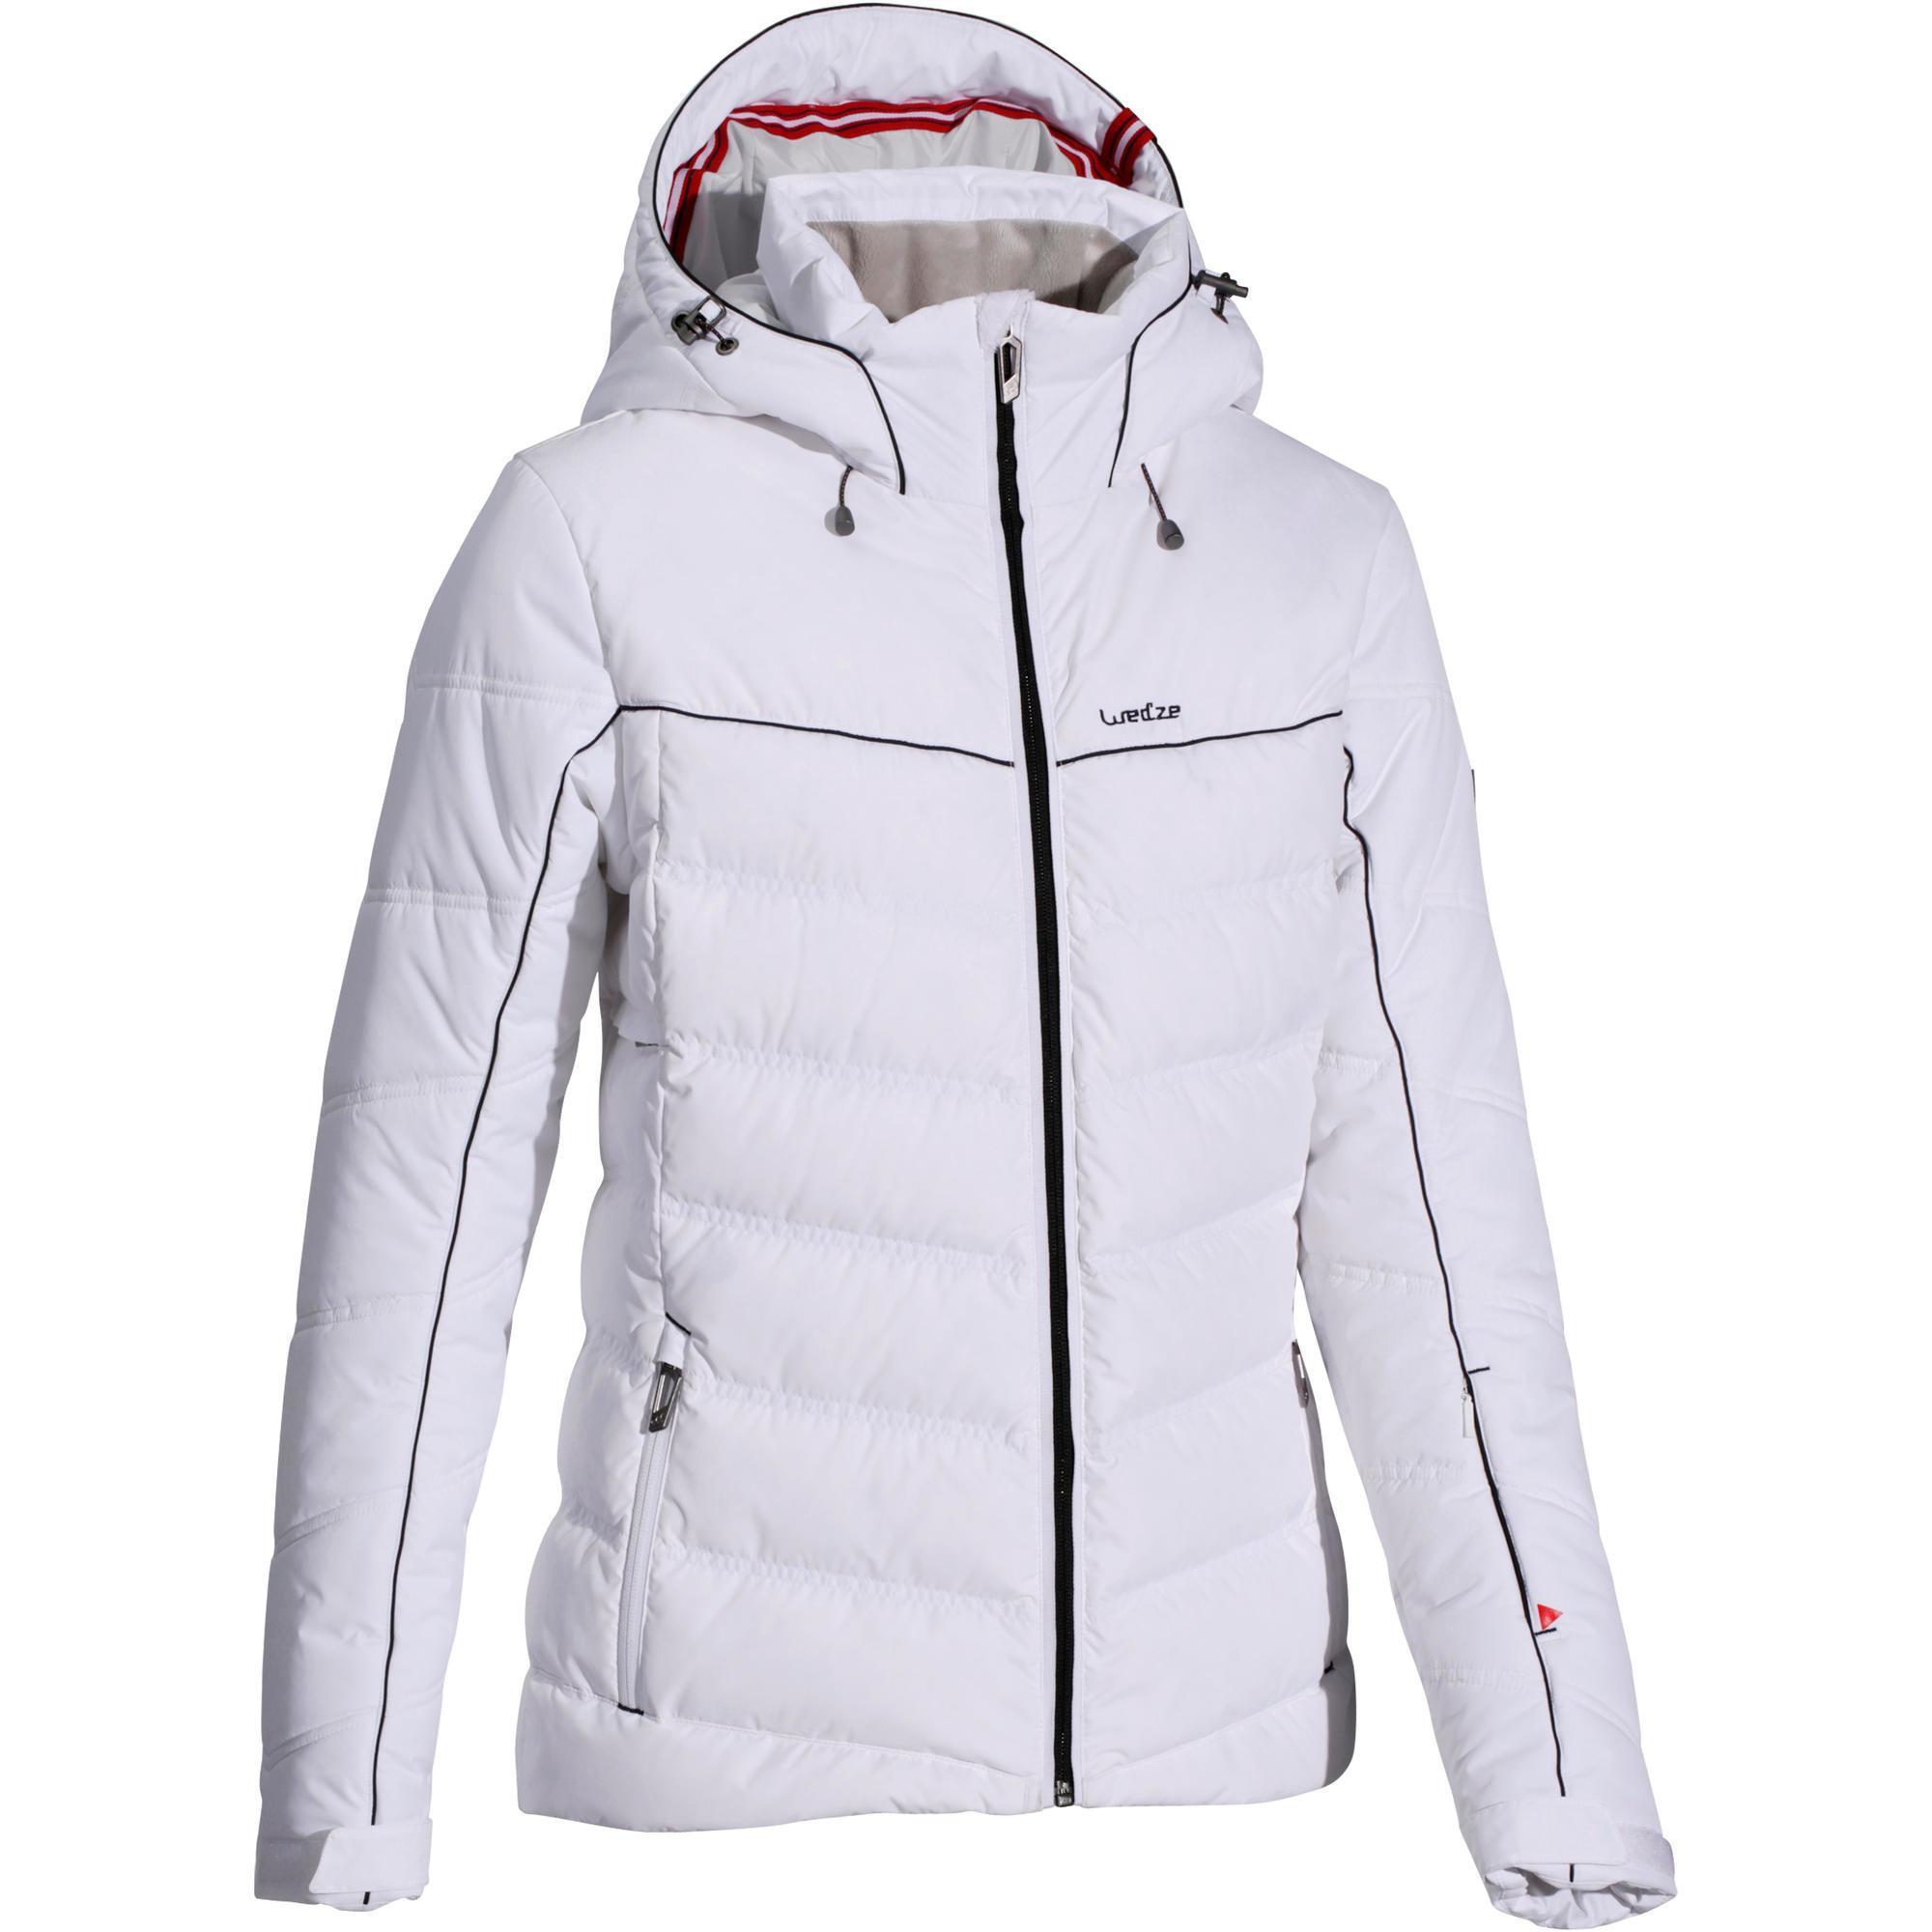 veste ski femme slide 500 warm blanche wedze. Black Bedroom Furniture Sets. Home Design Ideas